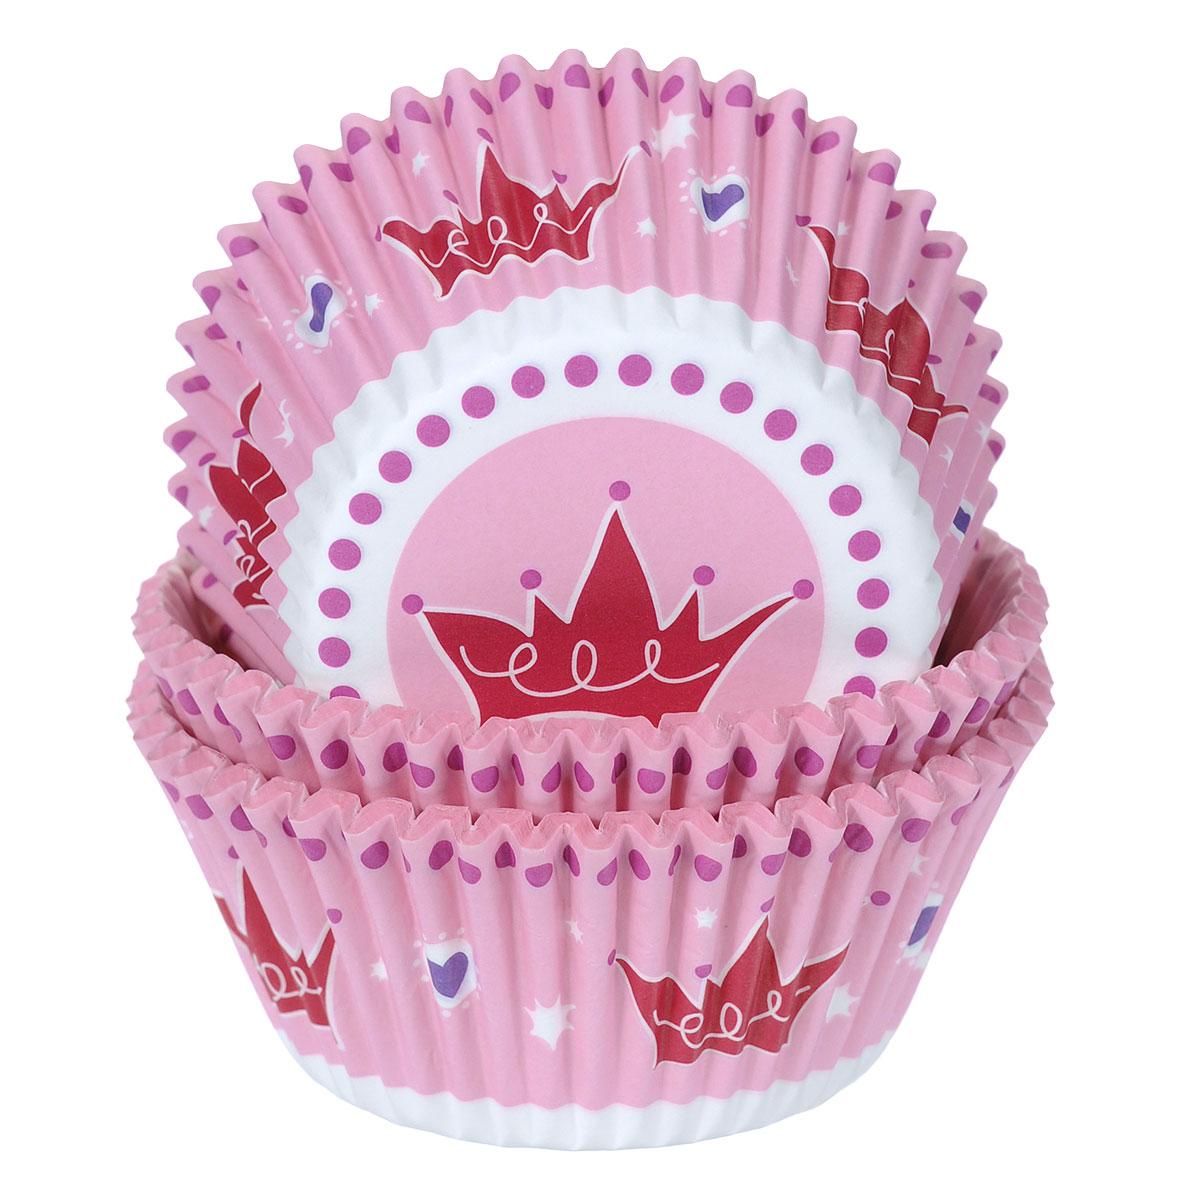 Набор бумажных форм для кексов Wilton Принцесса, диаметр 7 см, 75 шт94672Бумажные формы Wilton Принцесса используются для выпечки, украшения и упаковки кондитерских изделий, сервировки конфет, орешков, десертов. Края форм гофрированные. С такими формами вы всегда сможете порадовать своих близких оригинальной выпечкой.